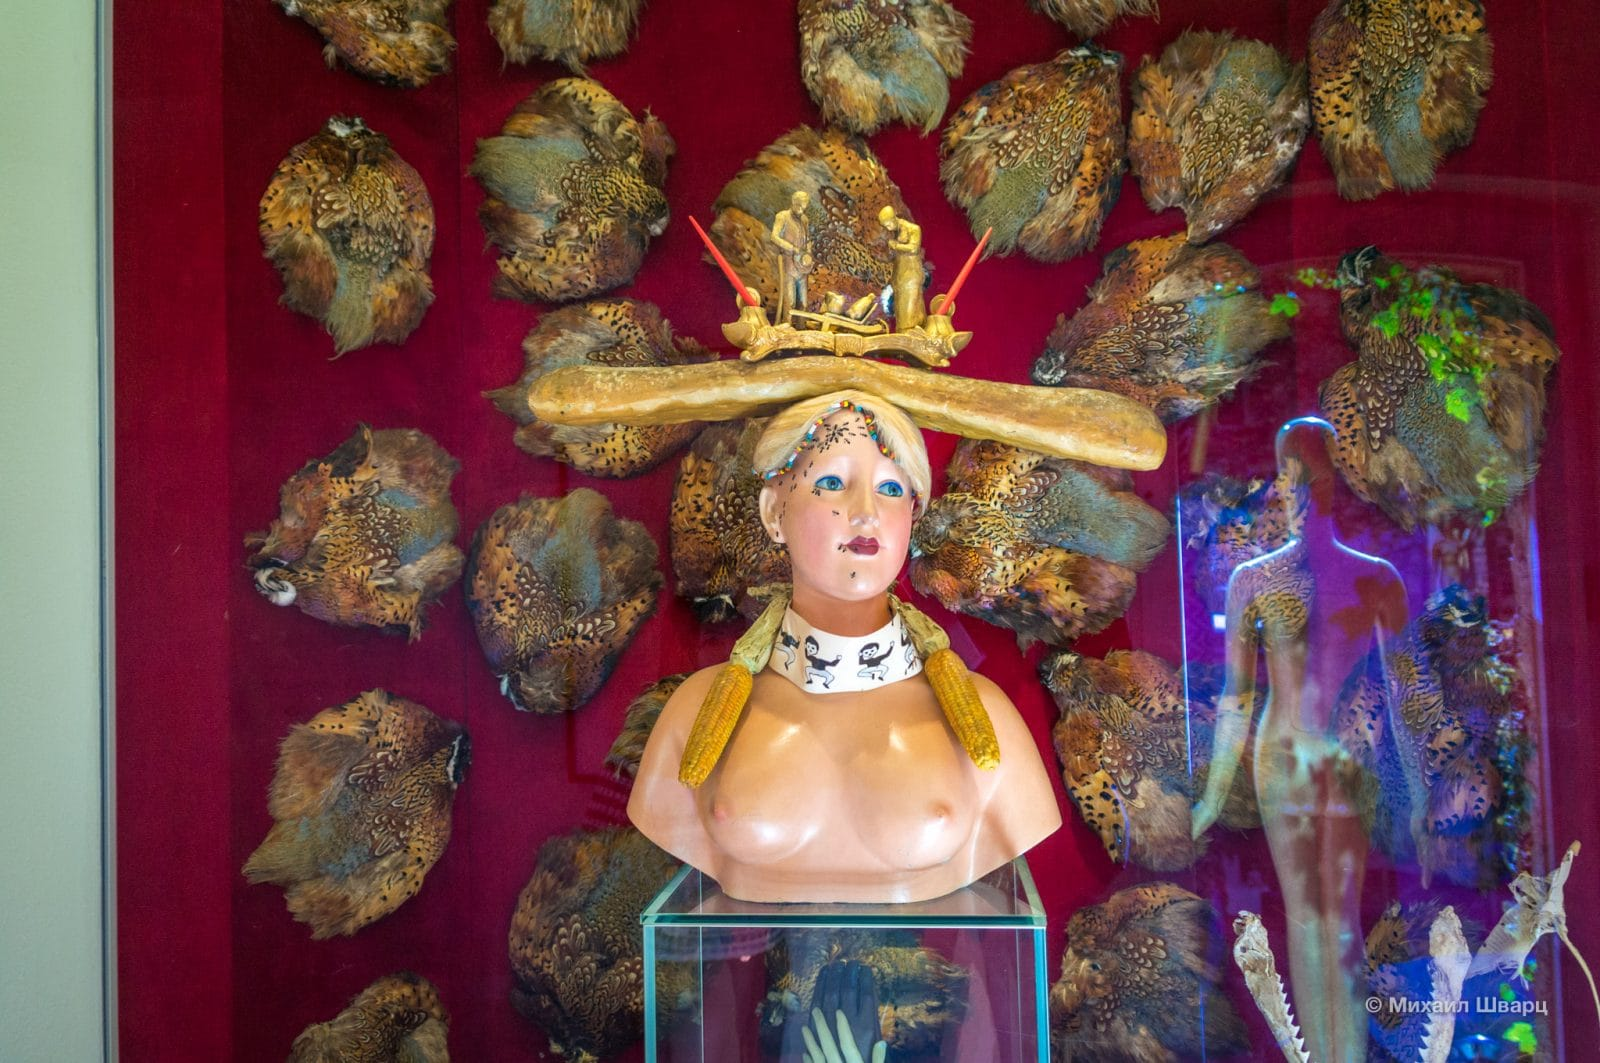 Ретроспективный женский бюст на фоне тушек фазанов